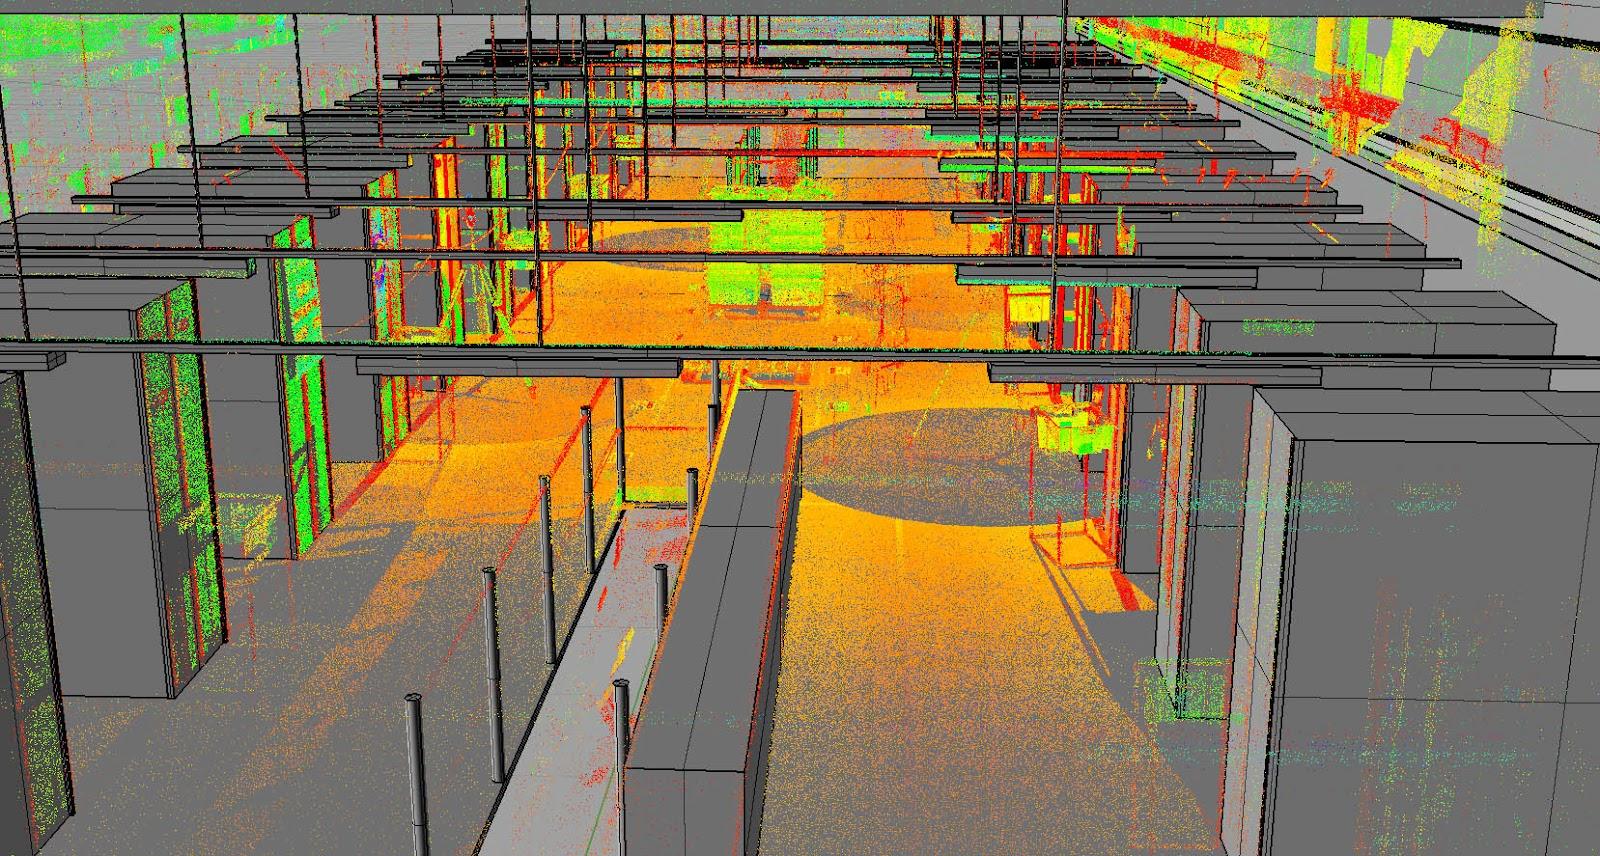 Severn partnership land survey and 3d laser scanning blog for Architecture 3d laser scanner